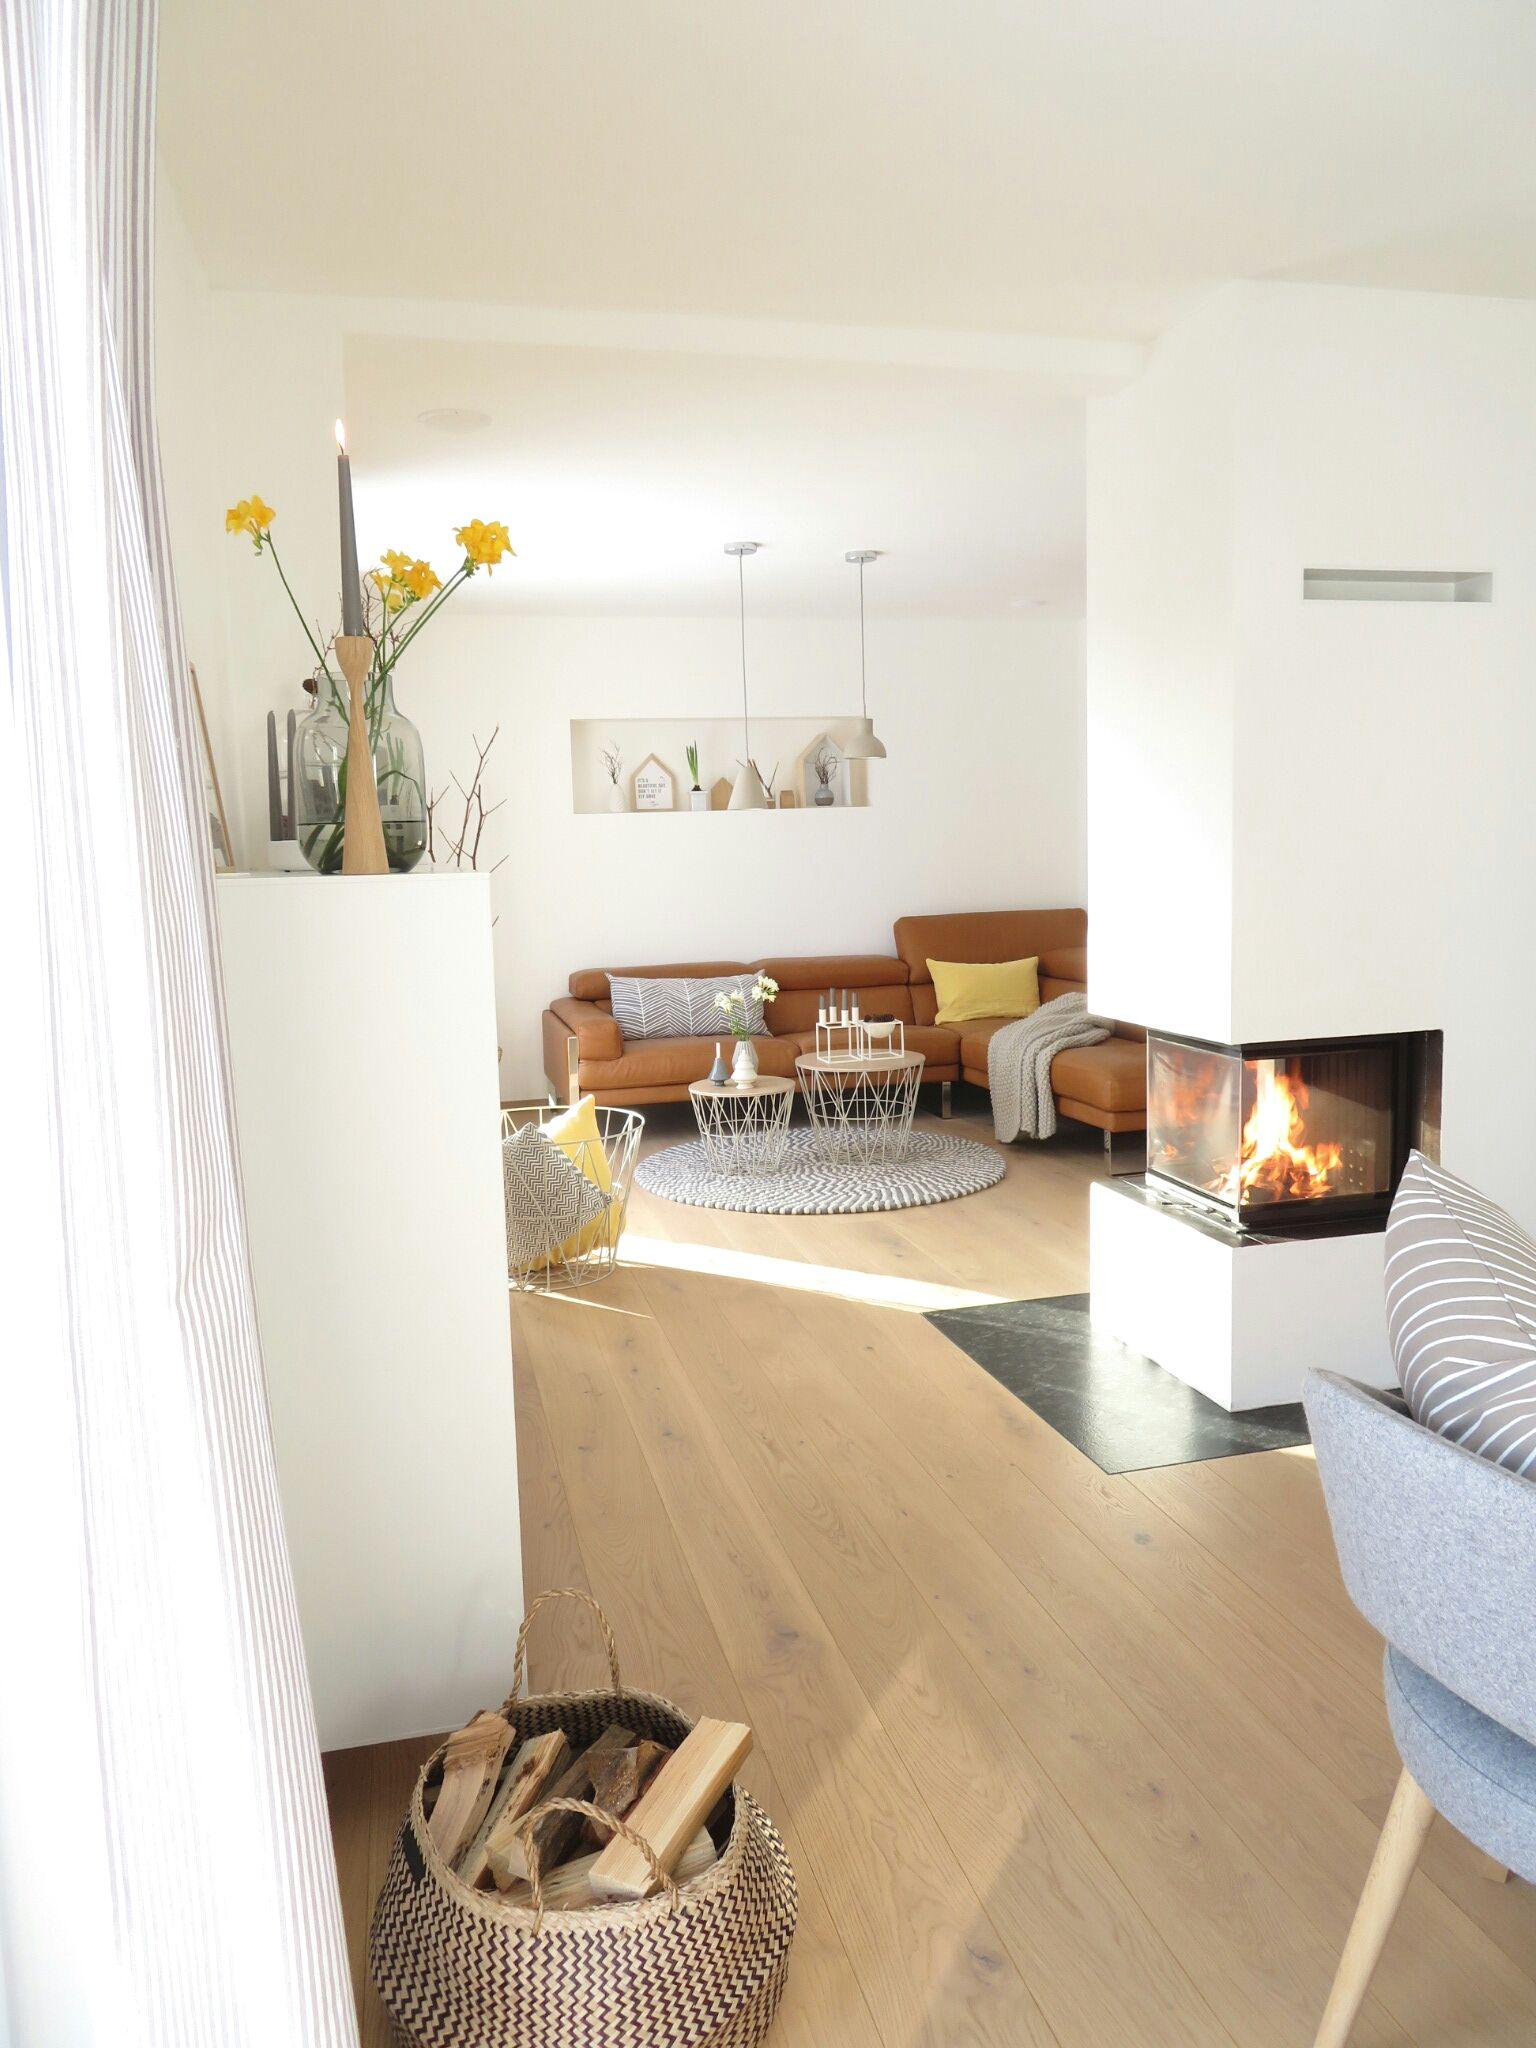 sonne feuer eis helle wohnzimmer wohnzimmer und wohnen. Black Bedroom Furniture Sets. Home Design Ideas